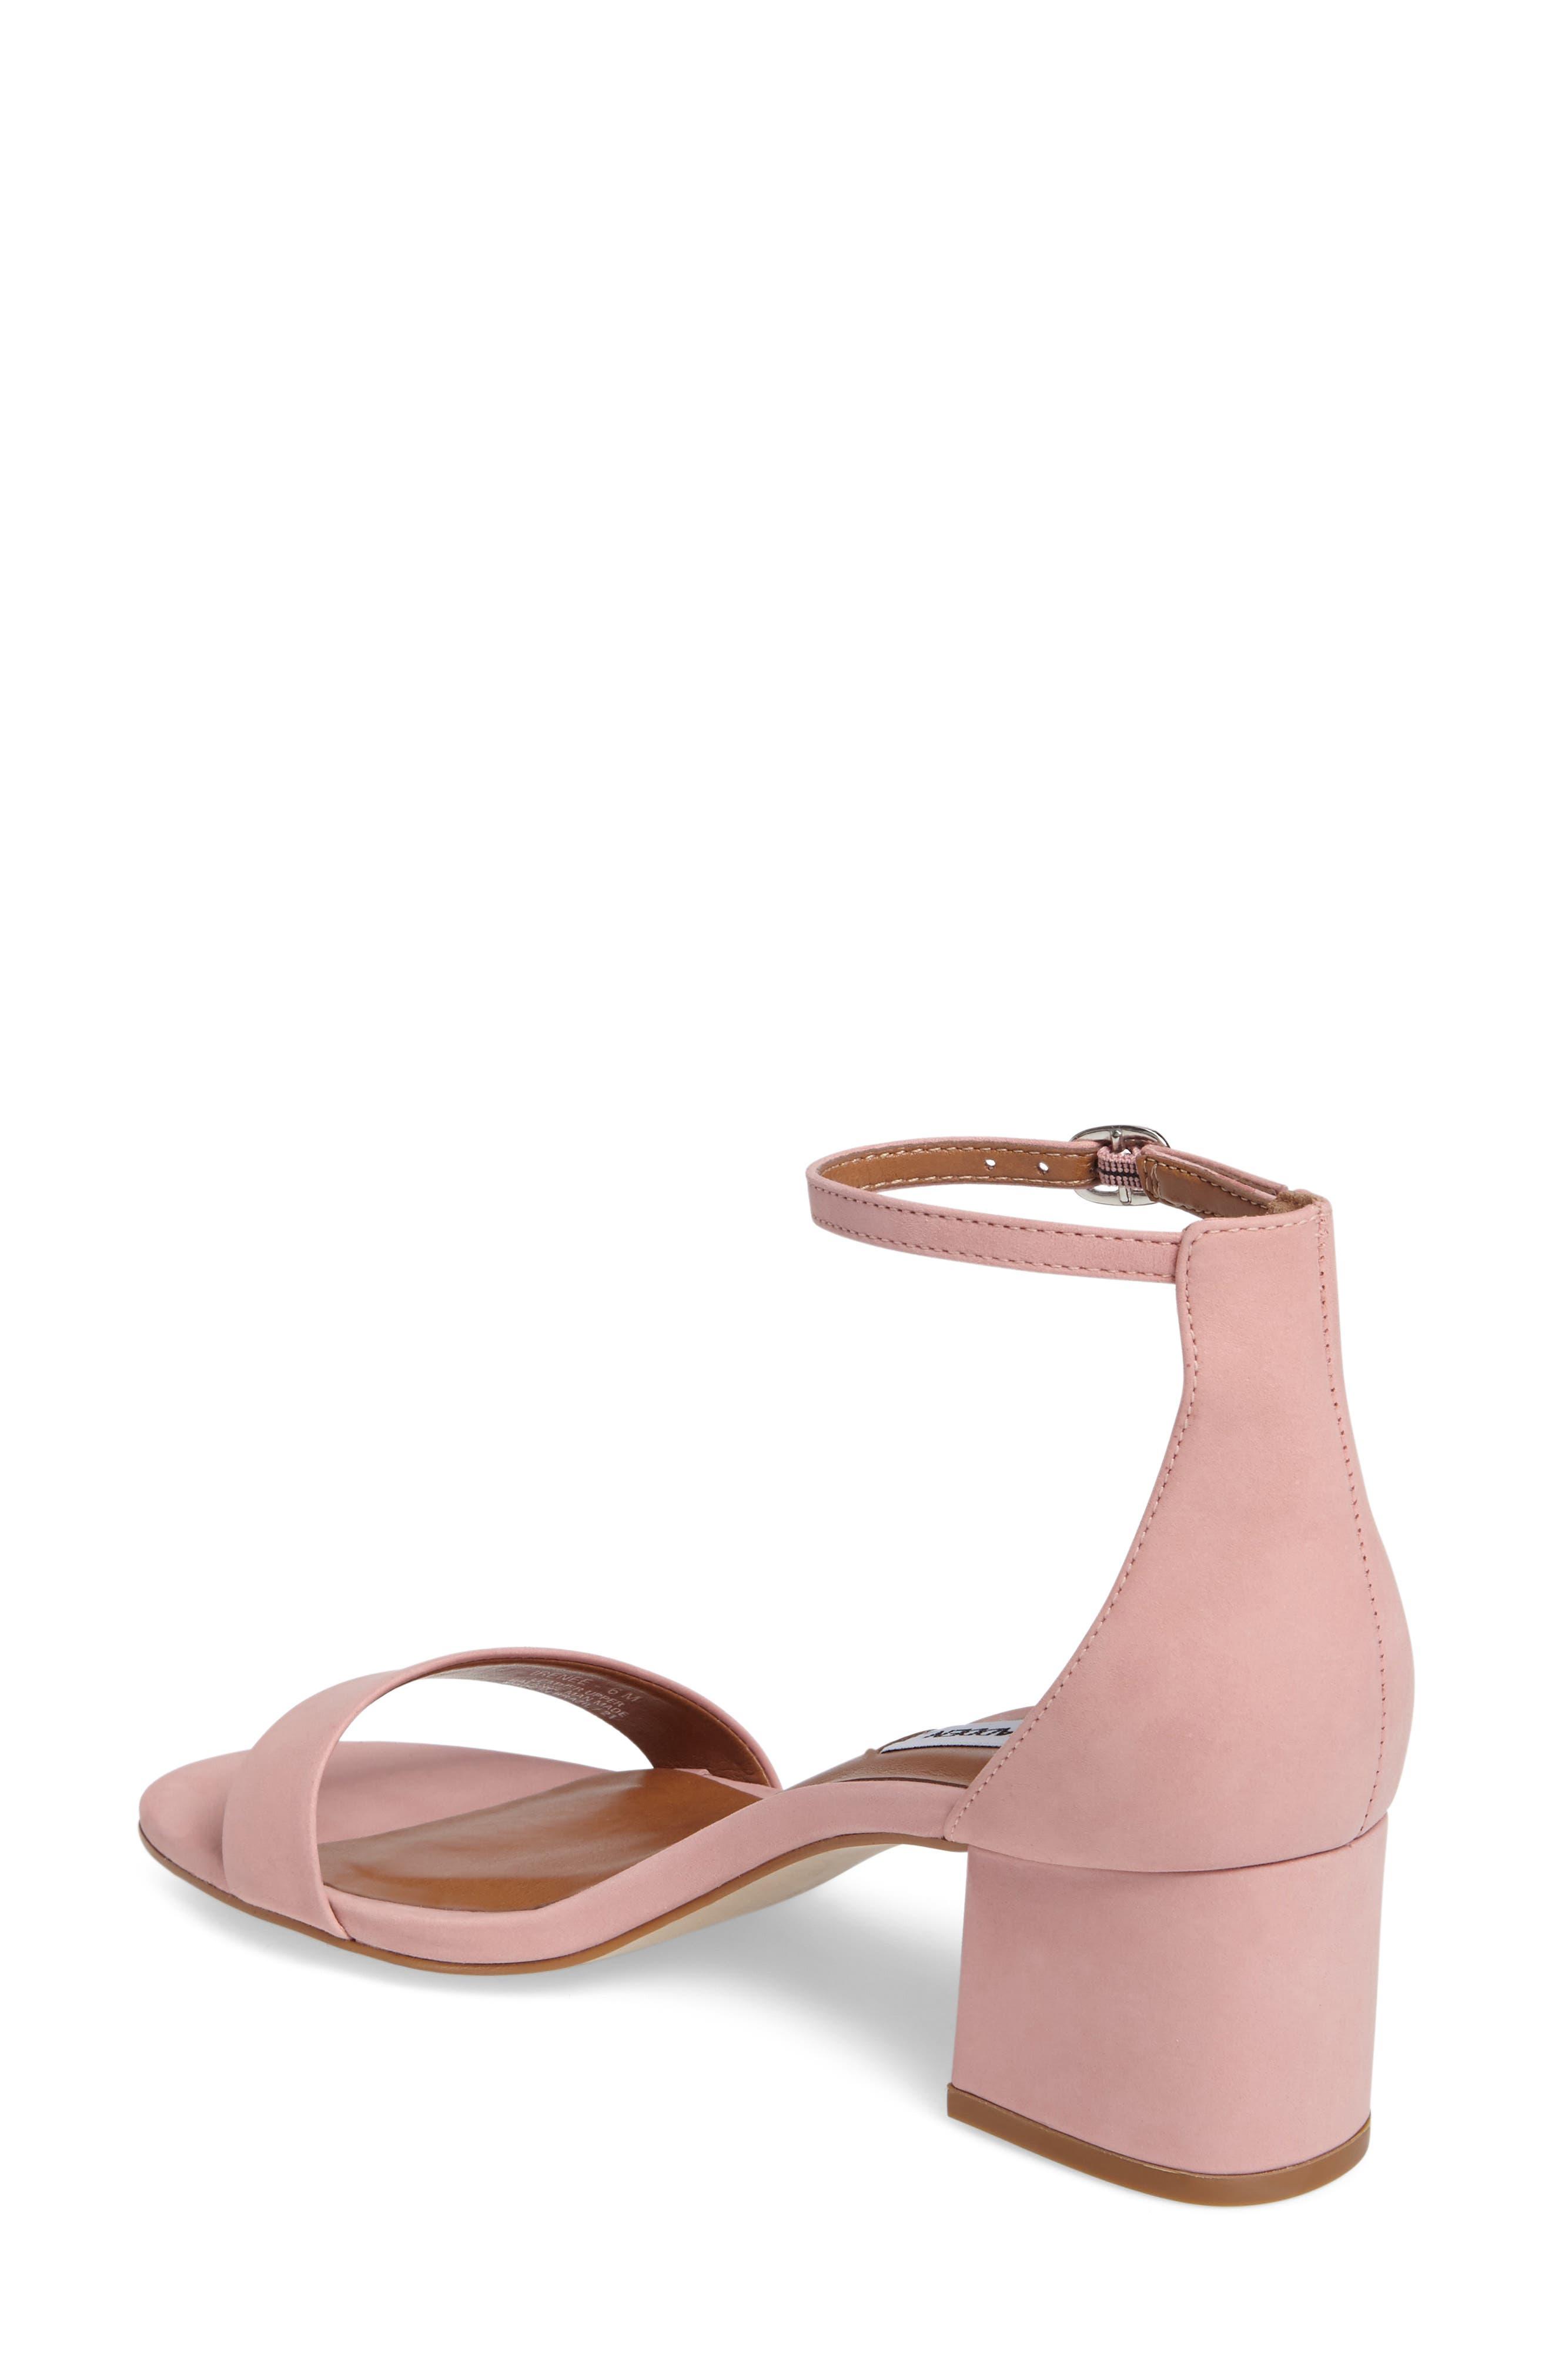 Irenee Ankle Strap Sandal,                             Alternate thumbnail 55, color,